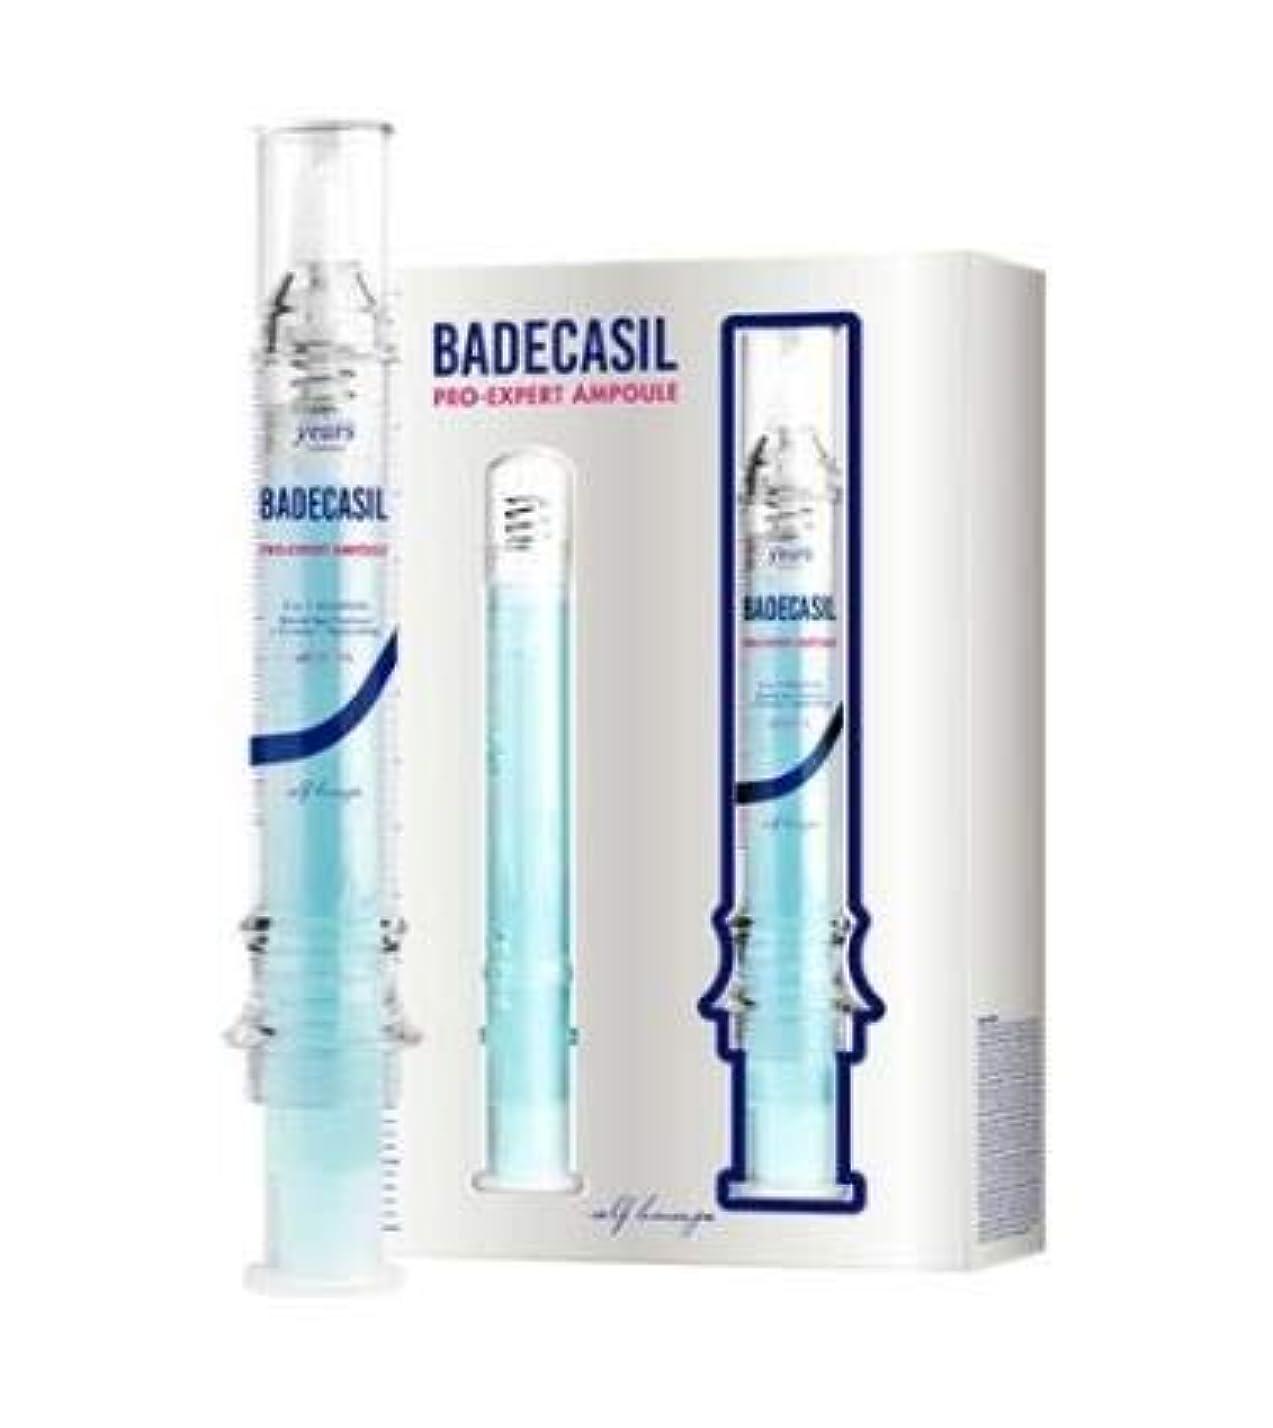 コーチ洗練迅速23years old Badecasil Pro Expert Ampoule (12ml+Refill 12ml) / バデカシル プロ エキスパート アンプル (12ml+Refill 12ml) [並行輸入品]